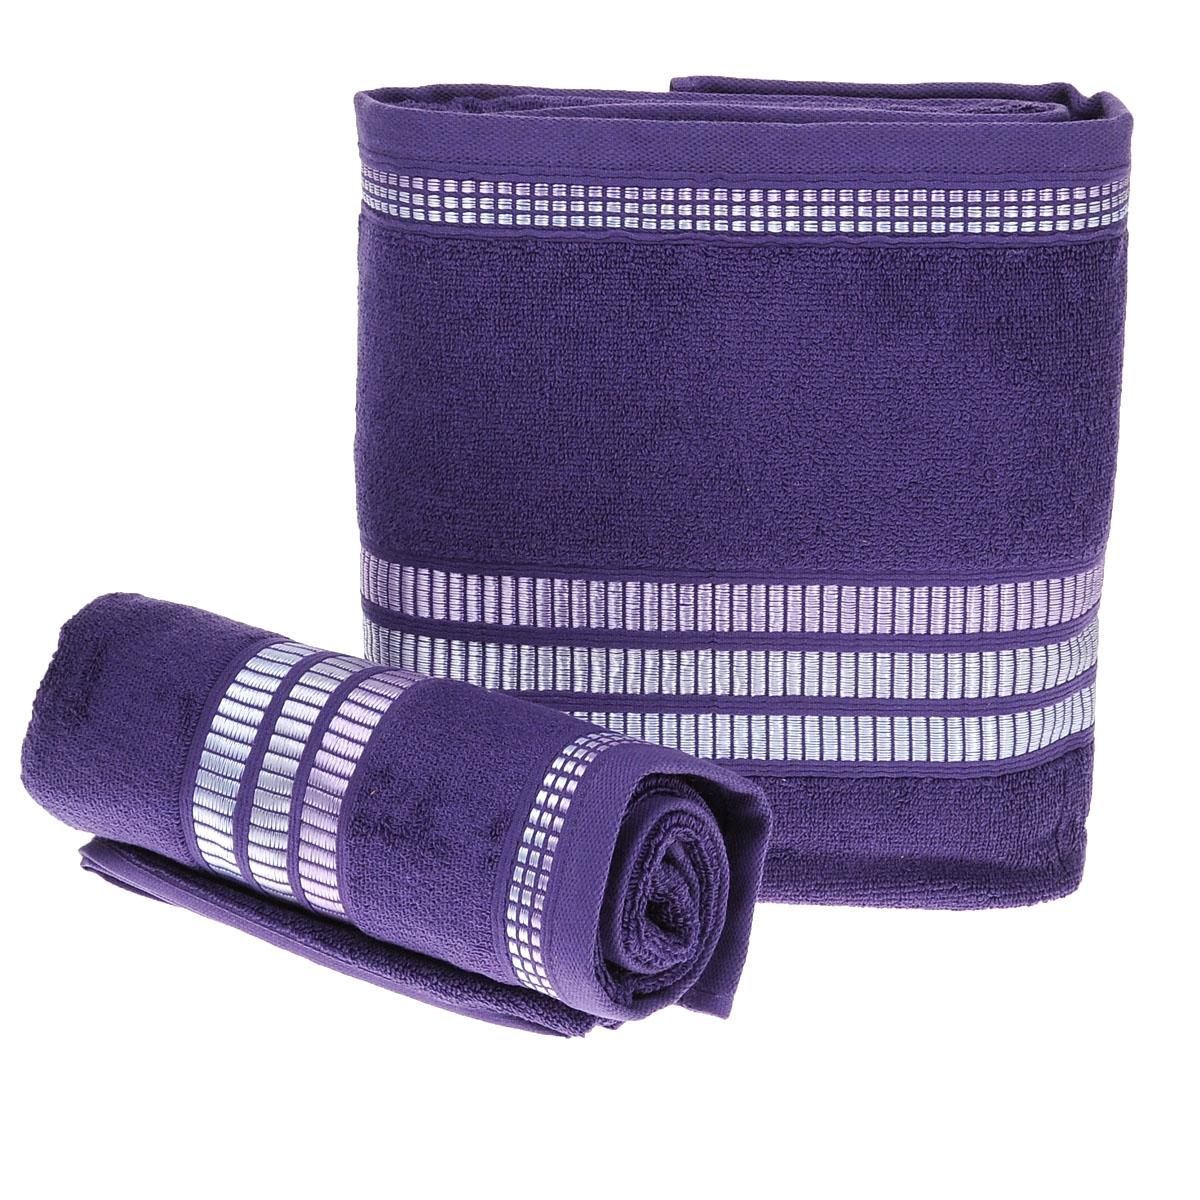 Набор махровых полотенец Coronet Пиано, цвет: темно-фиолетовый, 100x150, 50x90-100% хлопокБ-МП-2020-15-12-кПодарочный набор Coronet Пиано состоит из двух полотенец разного размера, выполненных из натуральной махровой ткани. Полотенца украшены изящным декоративным теснением. Мягкие и уютные, они прекрасно впитывают влагу и легко стираются. Такой набор подарит вам мягкость и необыкновенный комфорт в использовании. Благодаря высокому качеству изготовления, полотенце будет радовать многие годы. Полотенца упакованы в подарочную коробку и станут приятным и полезным подарком вашим друзьям и близким. Комплектация: 2 шт. Плотность полотенец 550 г/м.